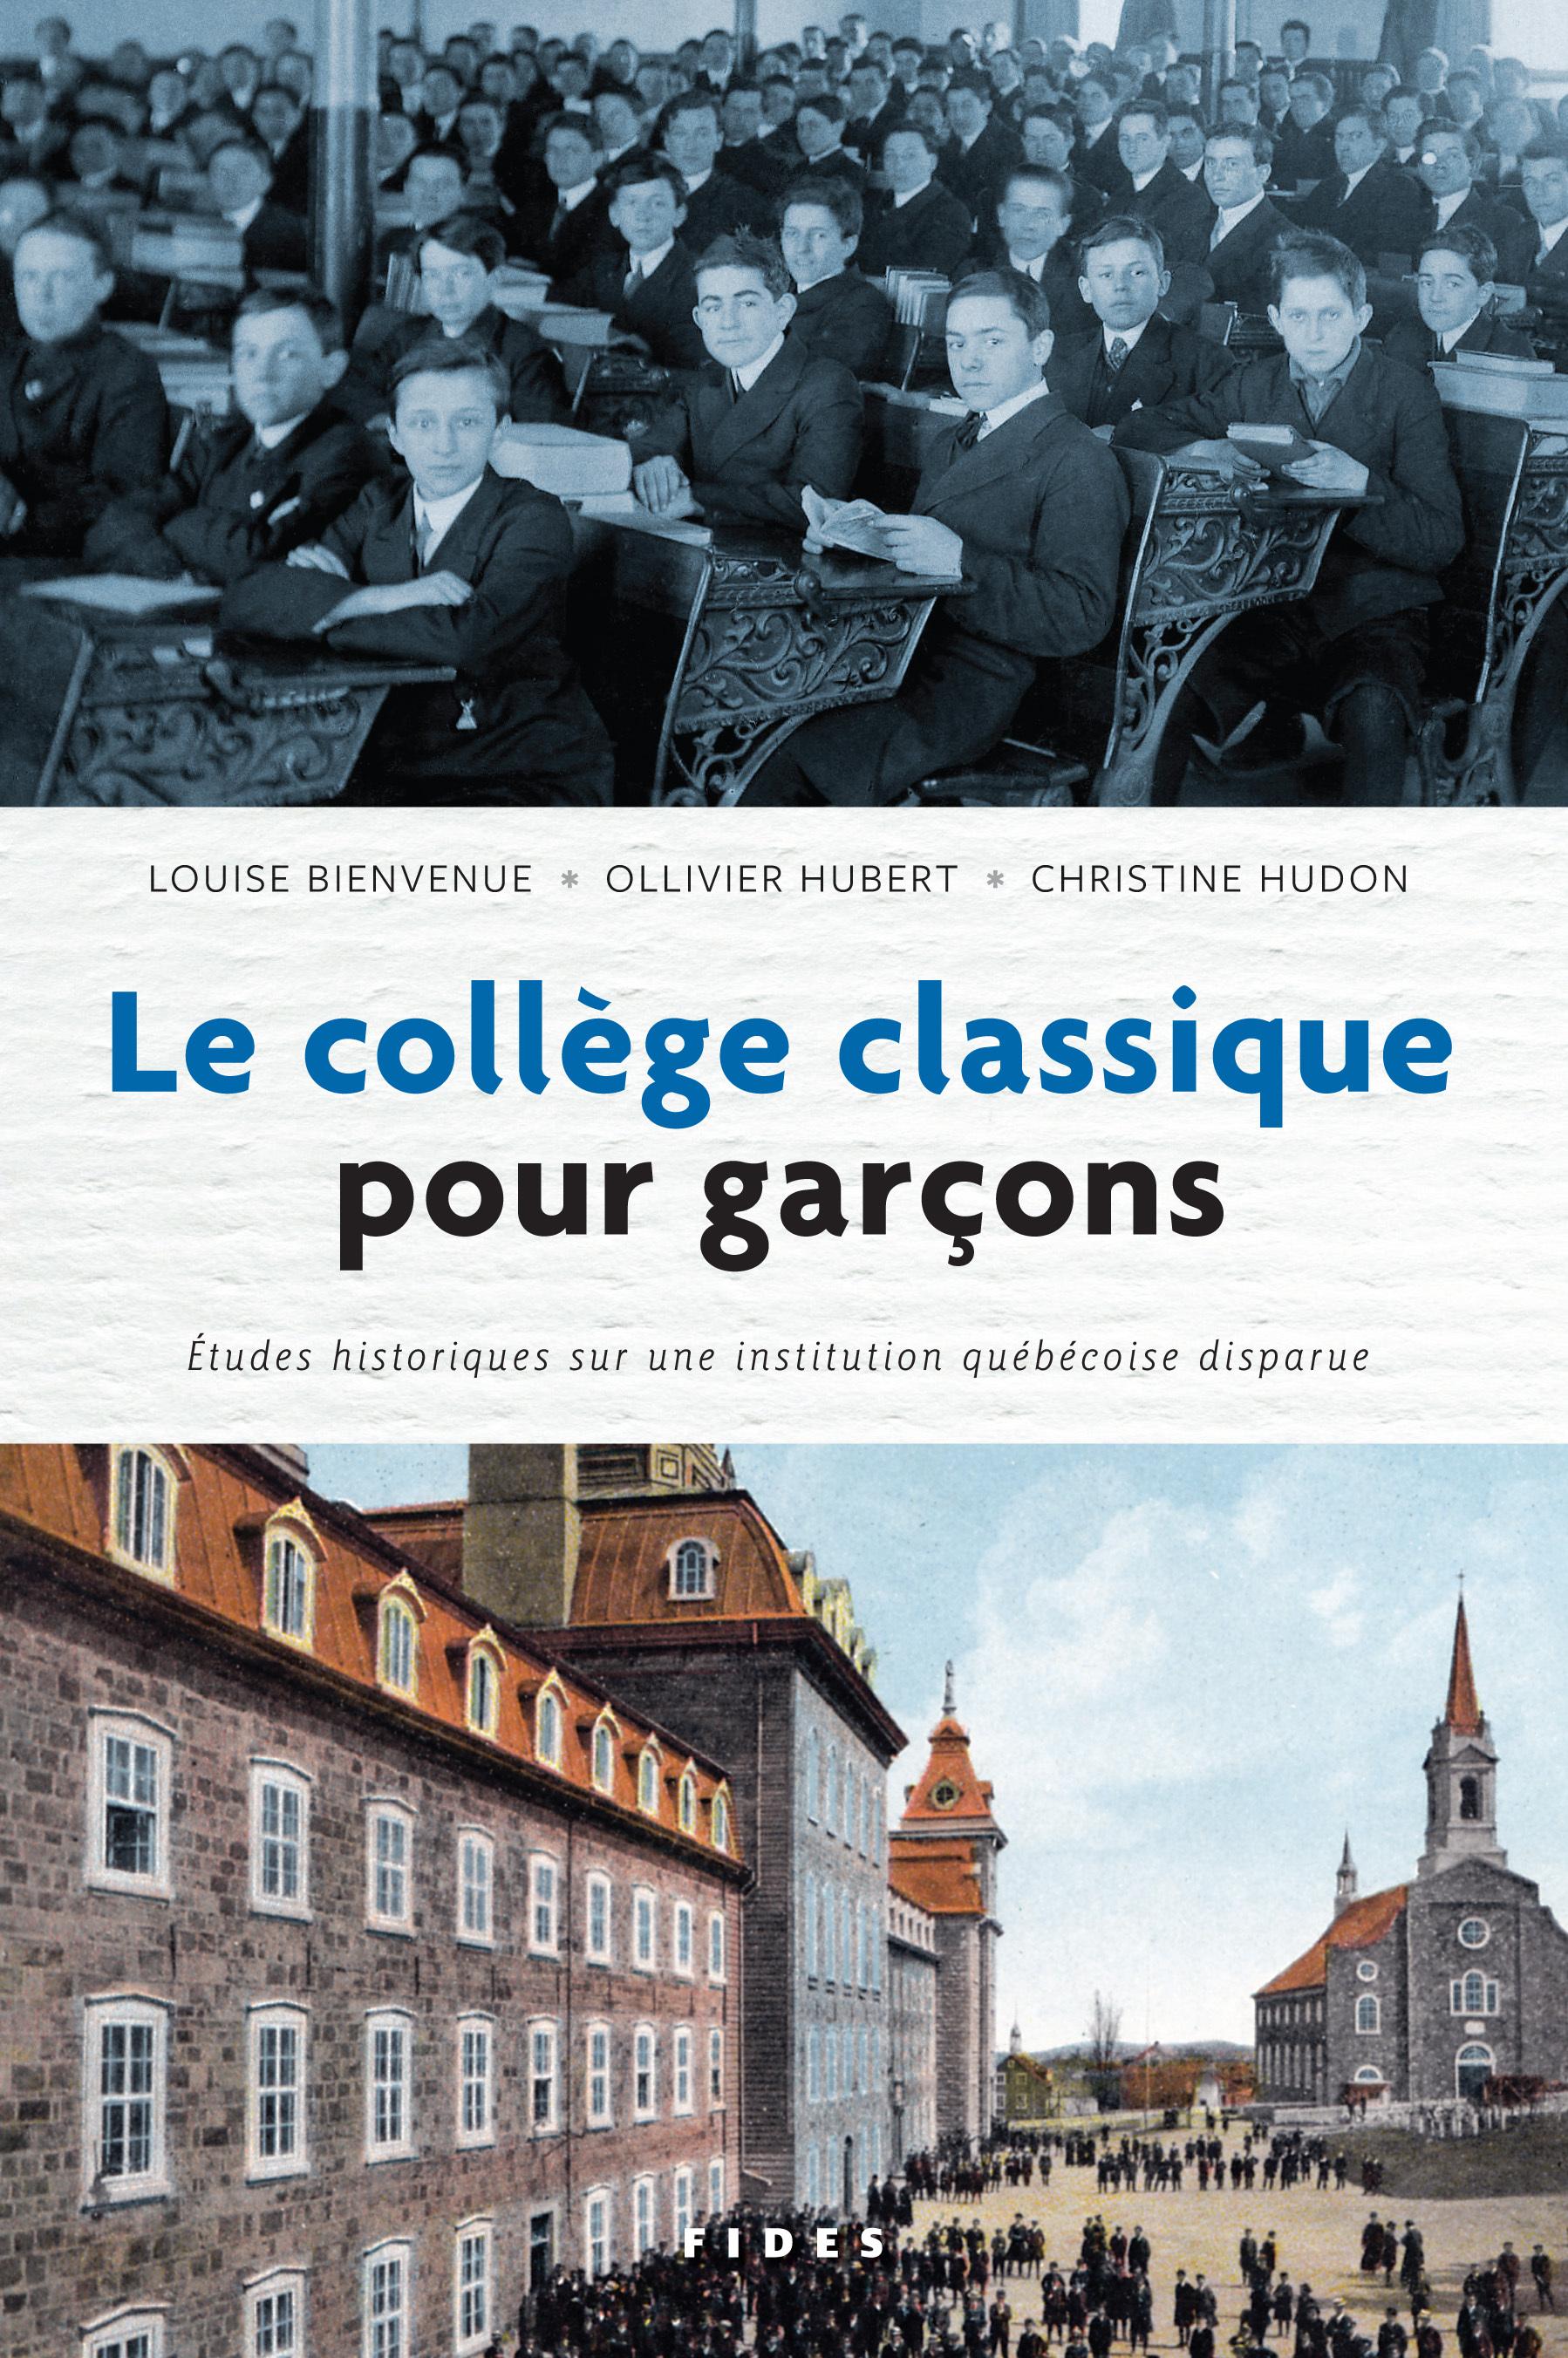 Le collège classique pour garçons, Études historiques sur une institution québécoise disparue